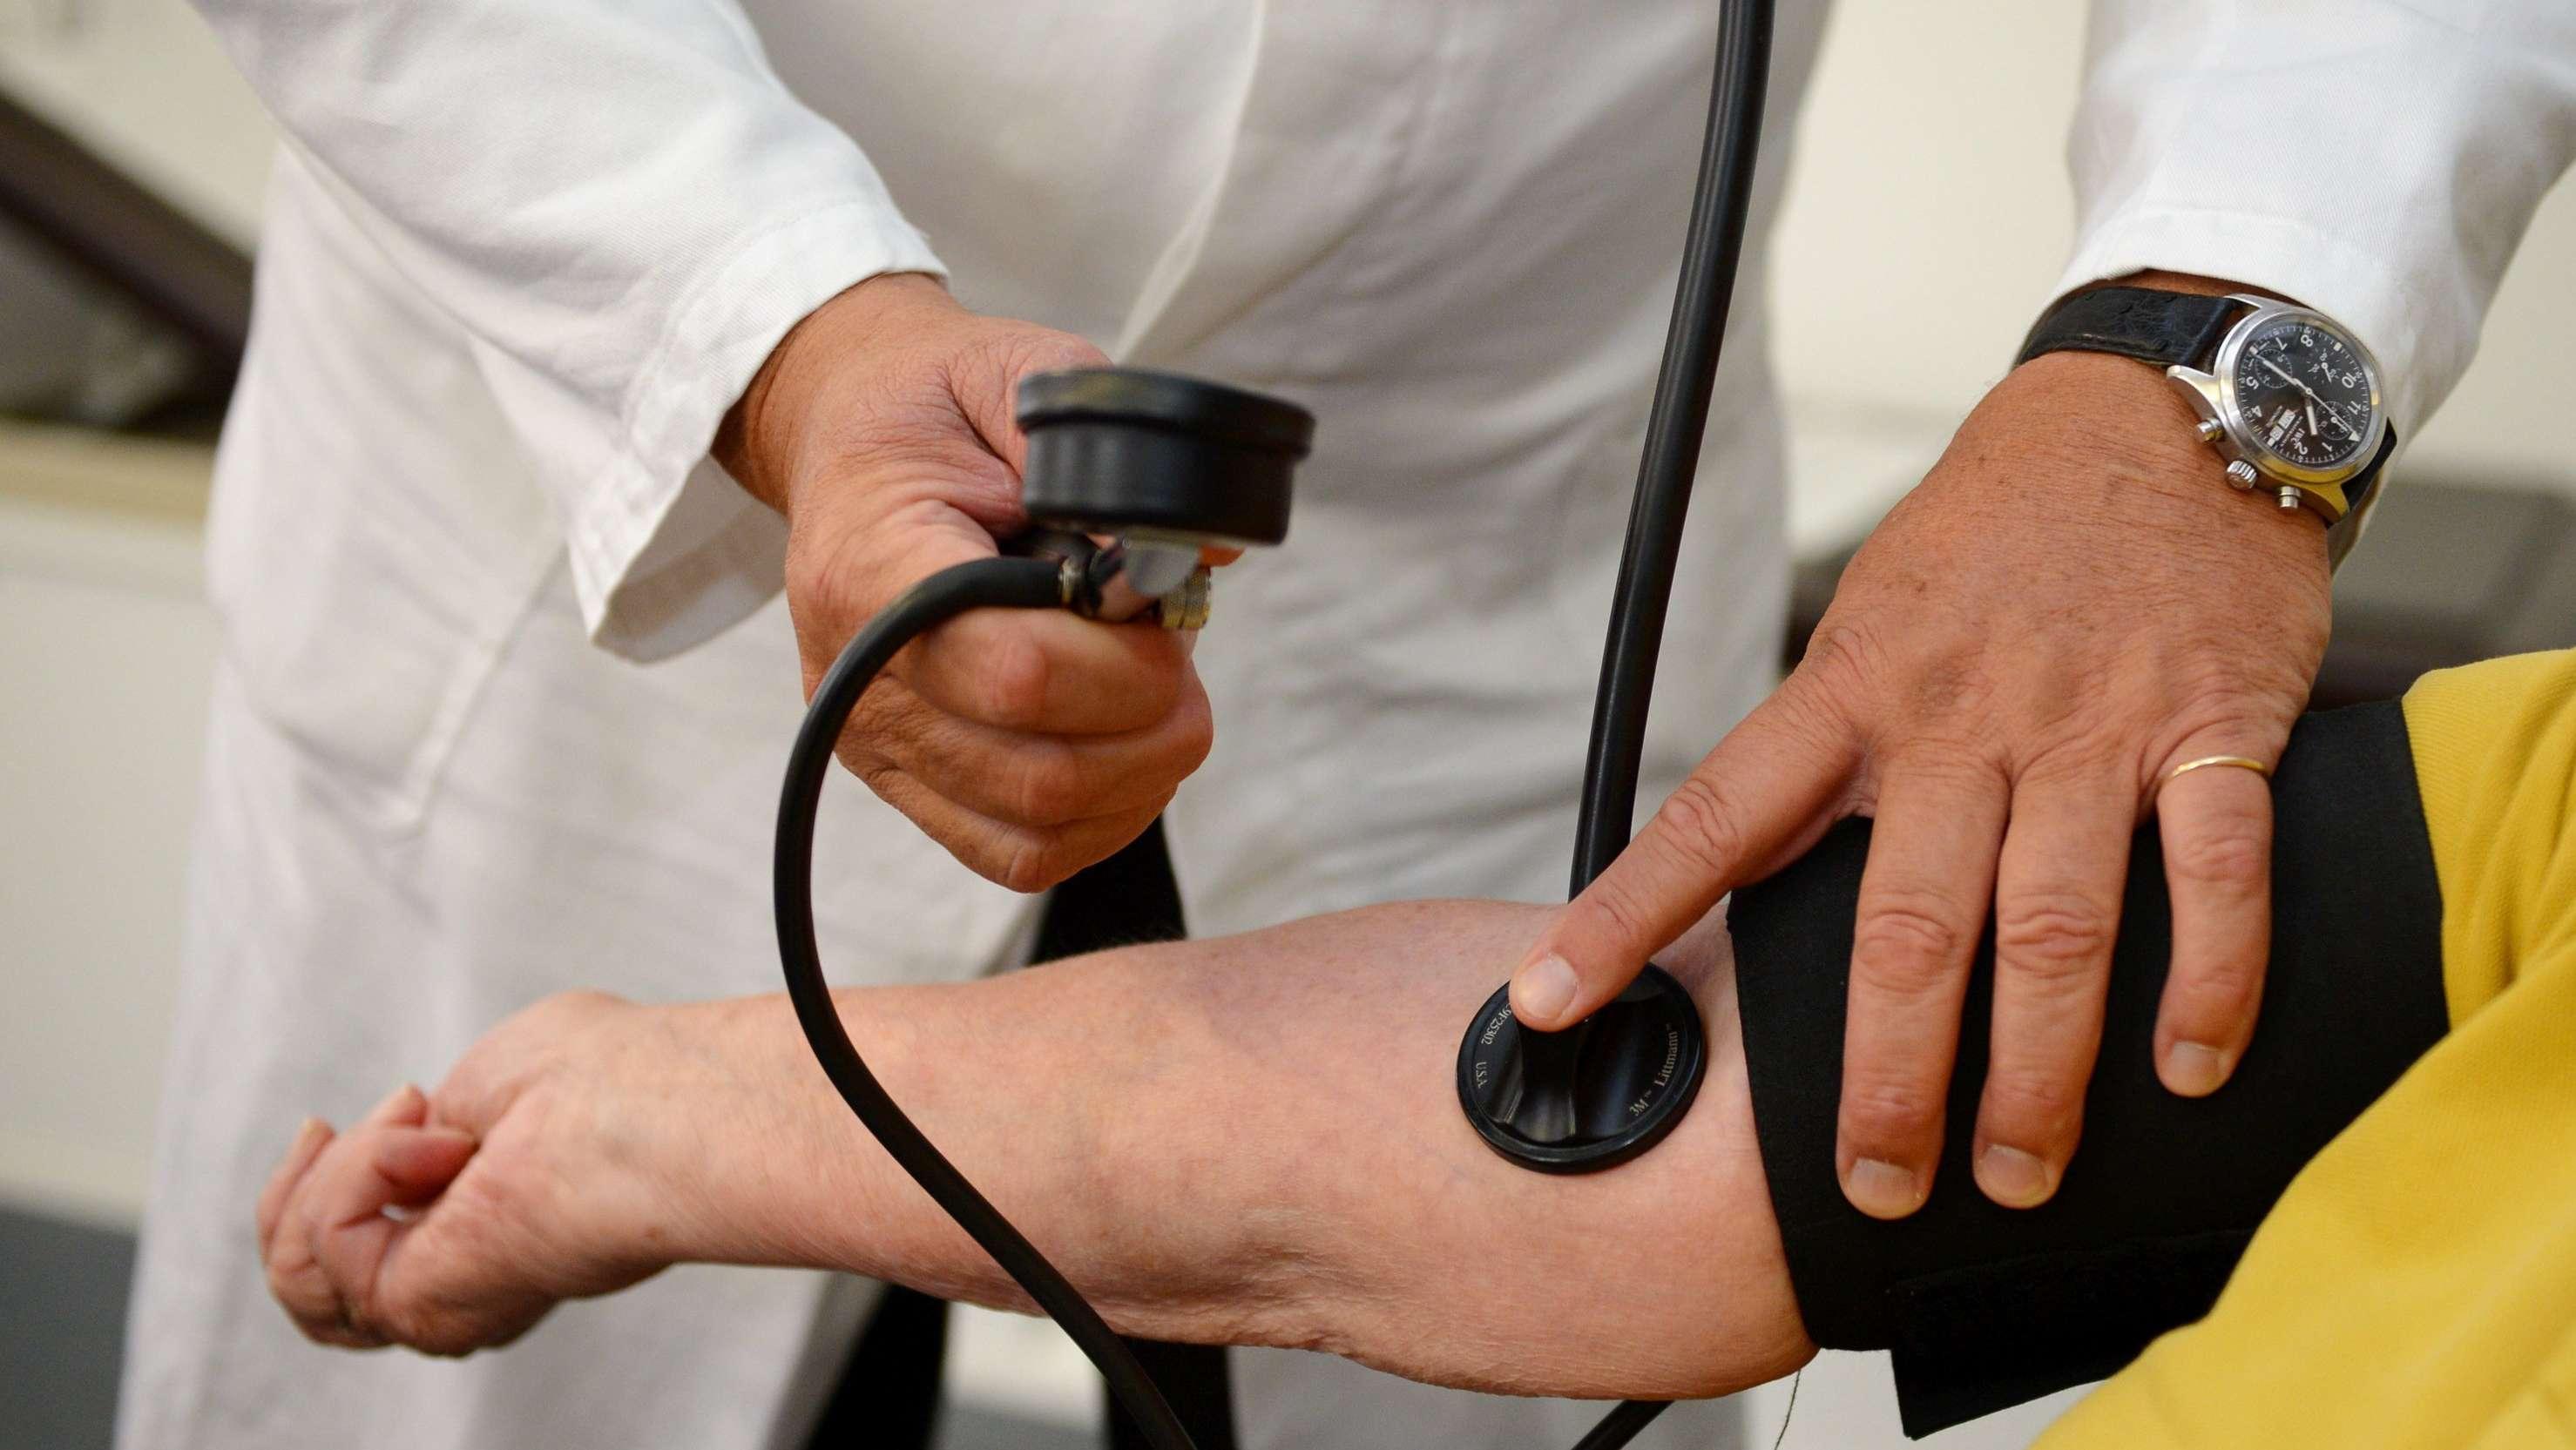 Ein Arzt misst einer Patientin den Blutdruck